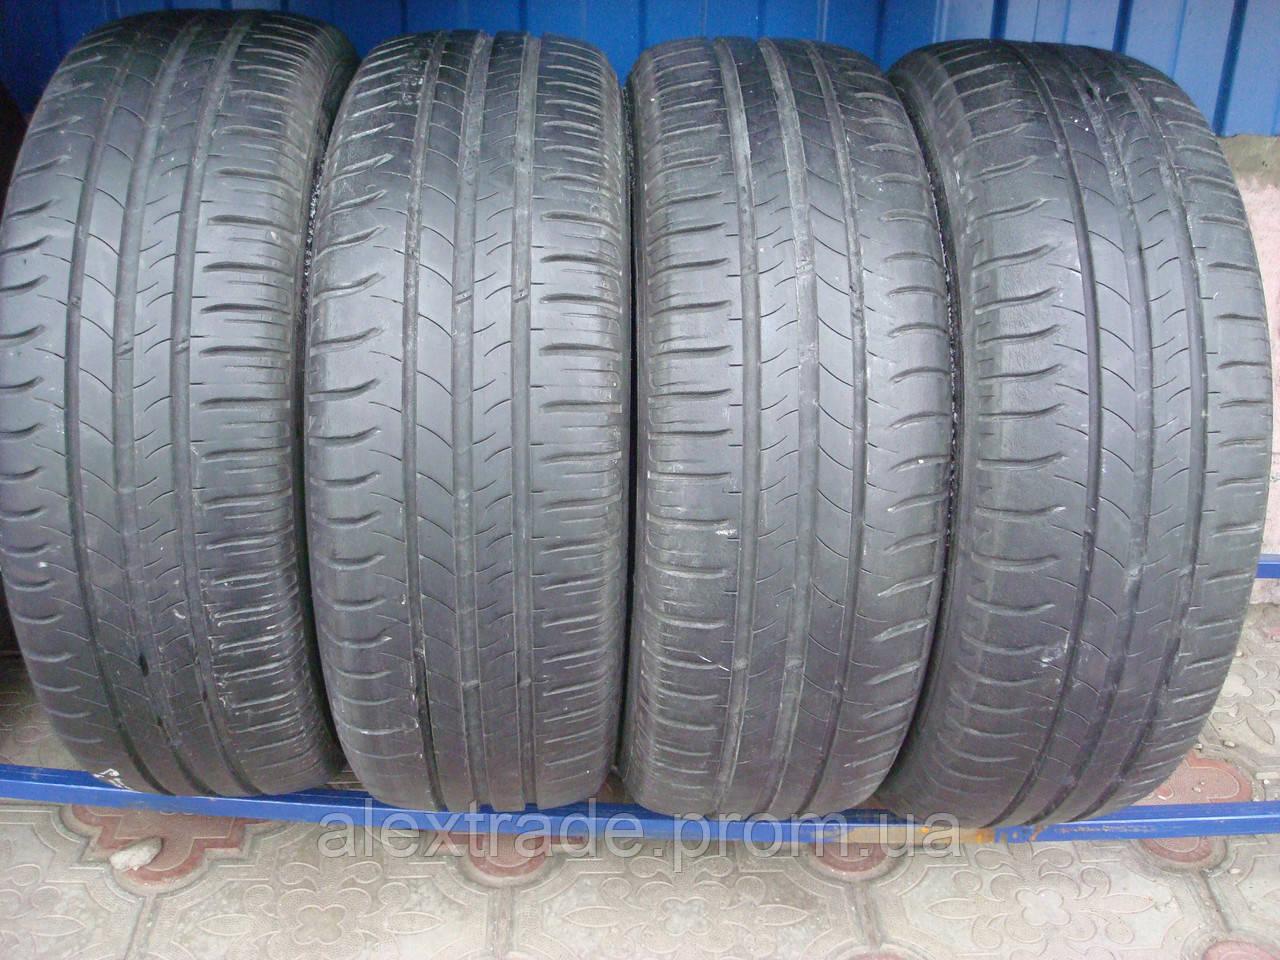 Купить б/у автошины спб летние шины кумхо ecsta kh11 185/50 r16 купить